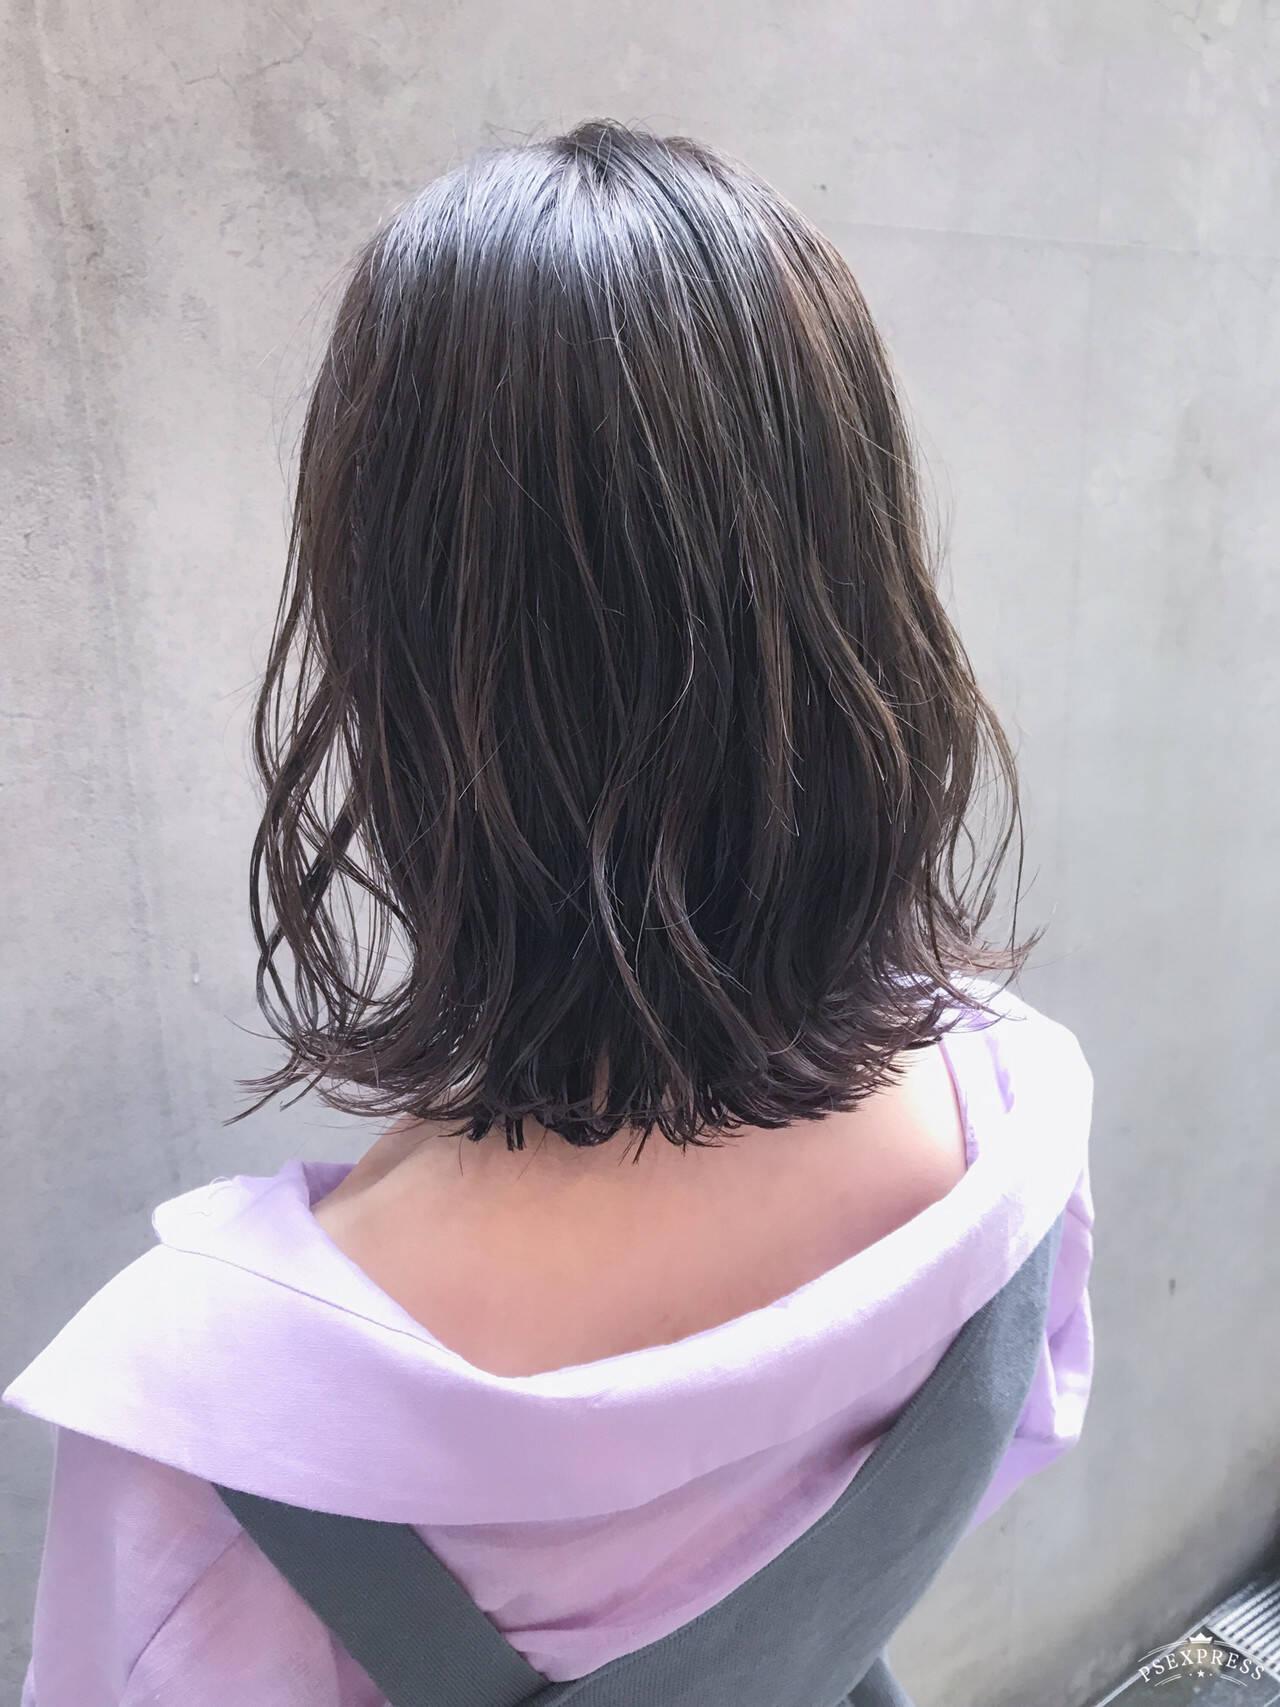 外ハネボブ 切りっぱなしボブ 大人かわいい ボブヘアスタイルや髪型の写真・画像